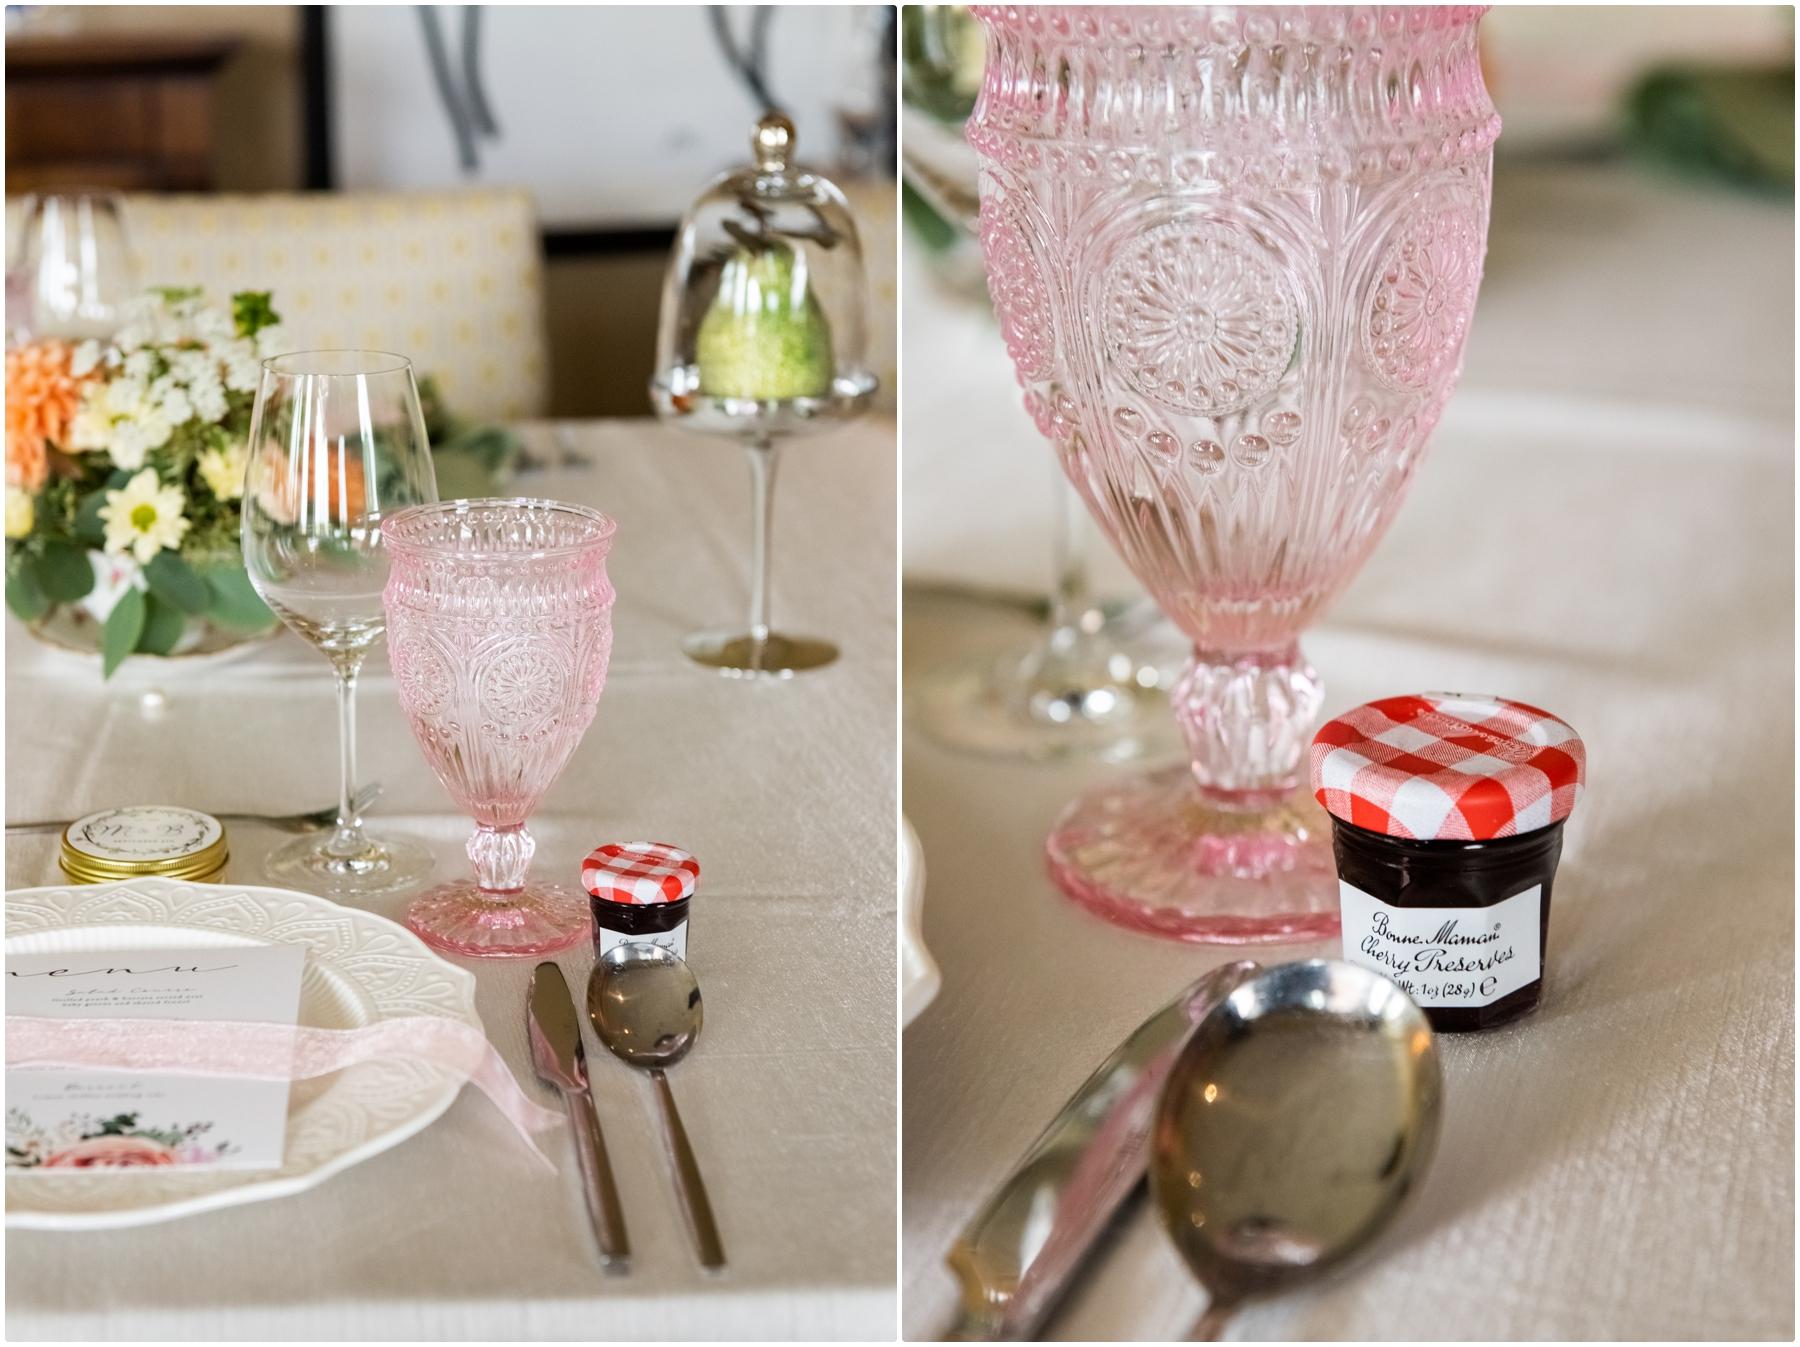 Calgary Wedding Photographer - Garden Party Wedding Reception